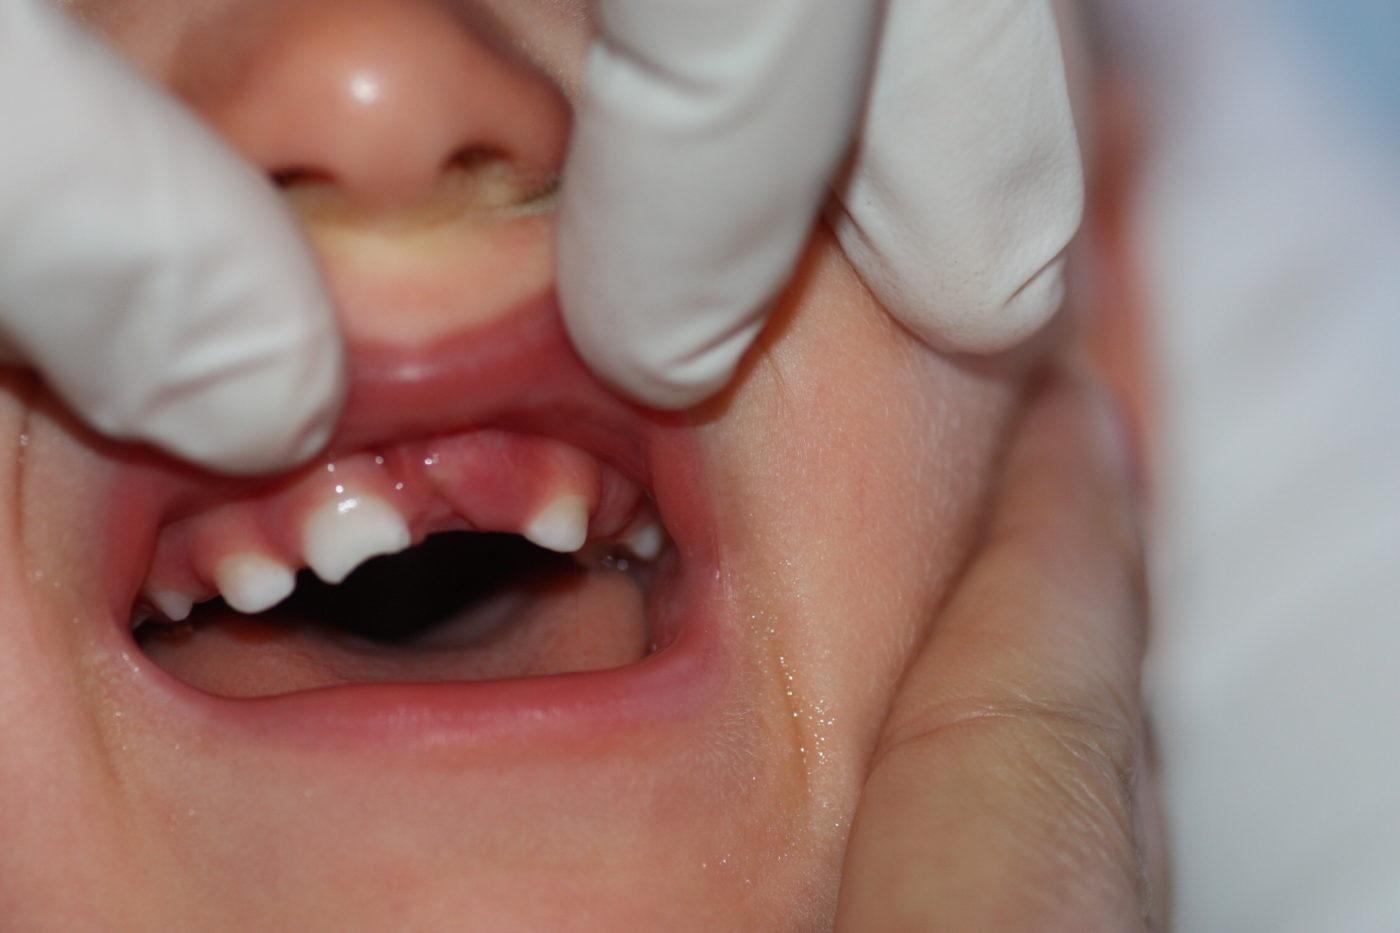 Fractura dentaria secundaria a traumatismo: no se aprecia la corona del diente